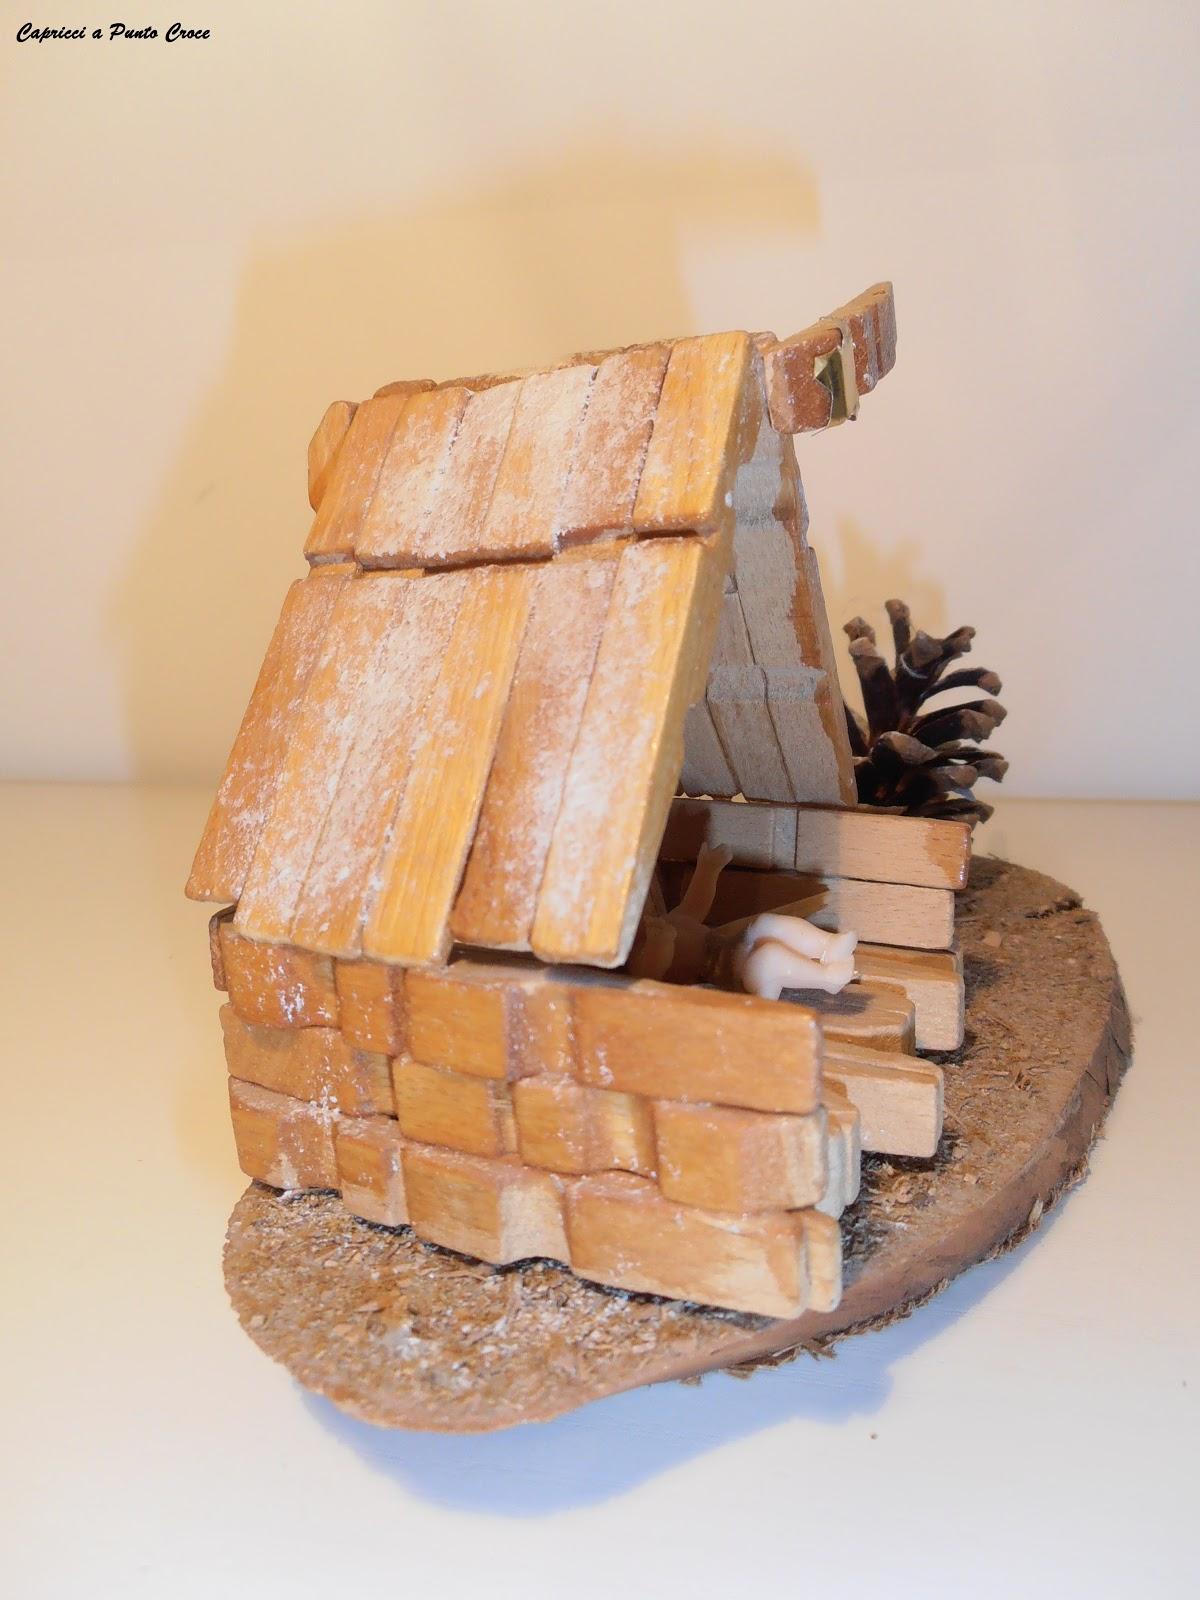 Capricci a punto croce mollette di legno e fantasia for Planimetrie semplici della casetta di legno